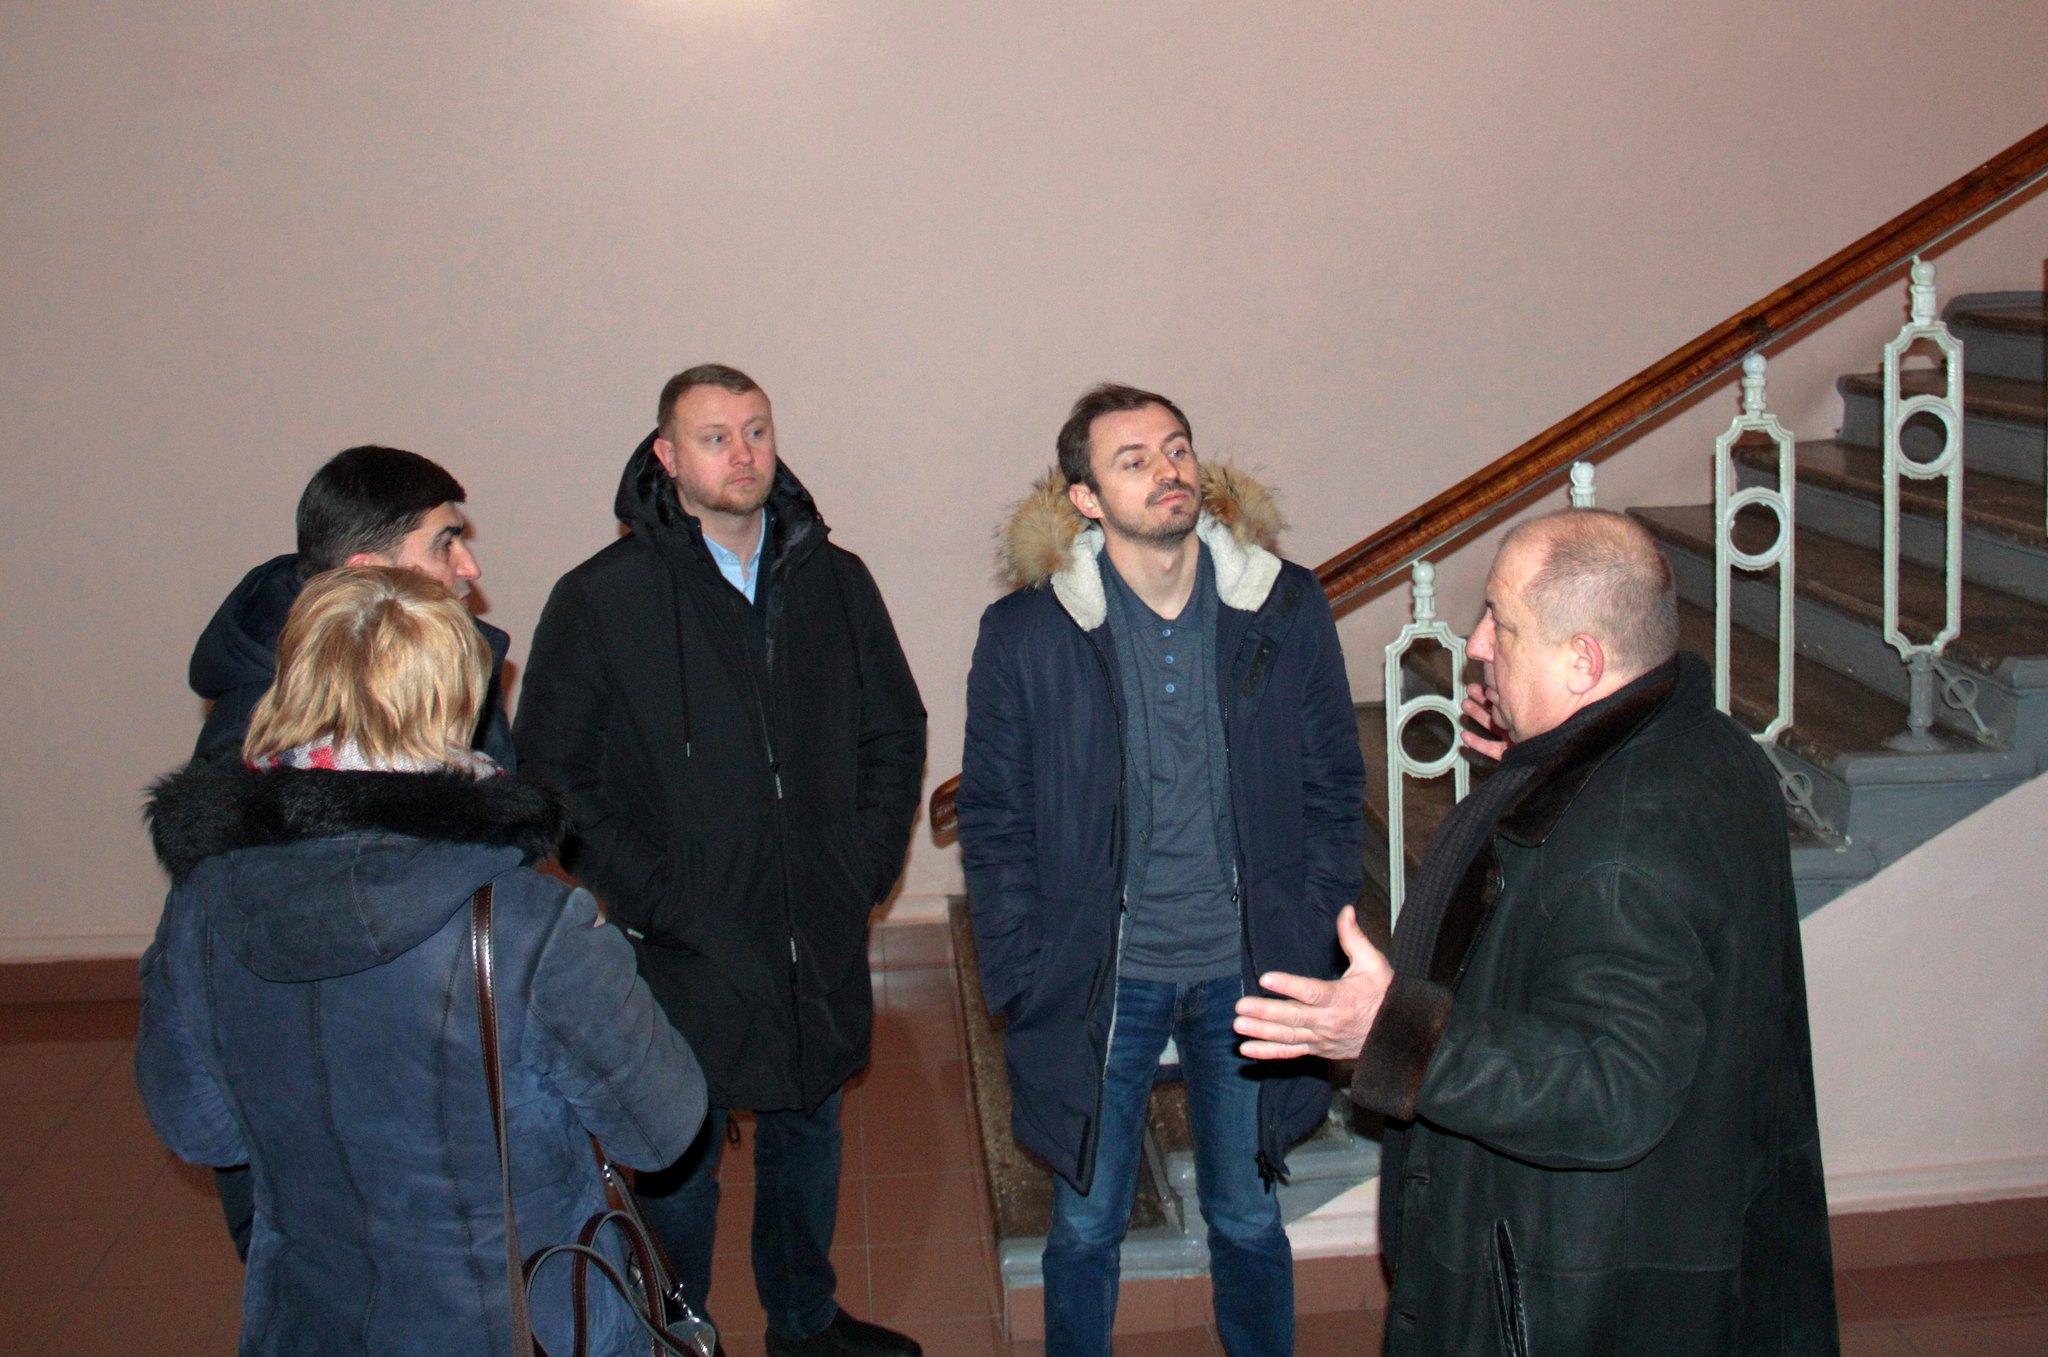 Заступник міністра розвитку громад та територій України проінспектував хід робіт з реставрації будівлі чернігівської філармонії (Фото)